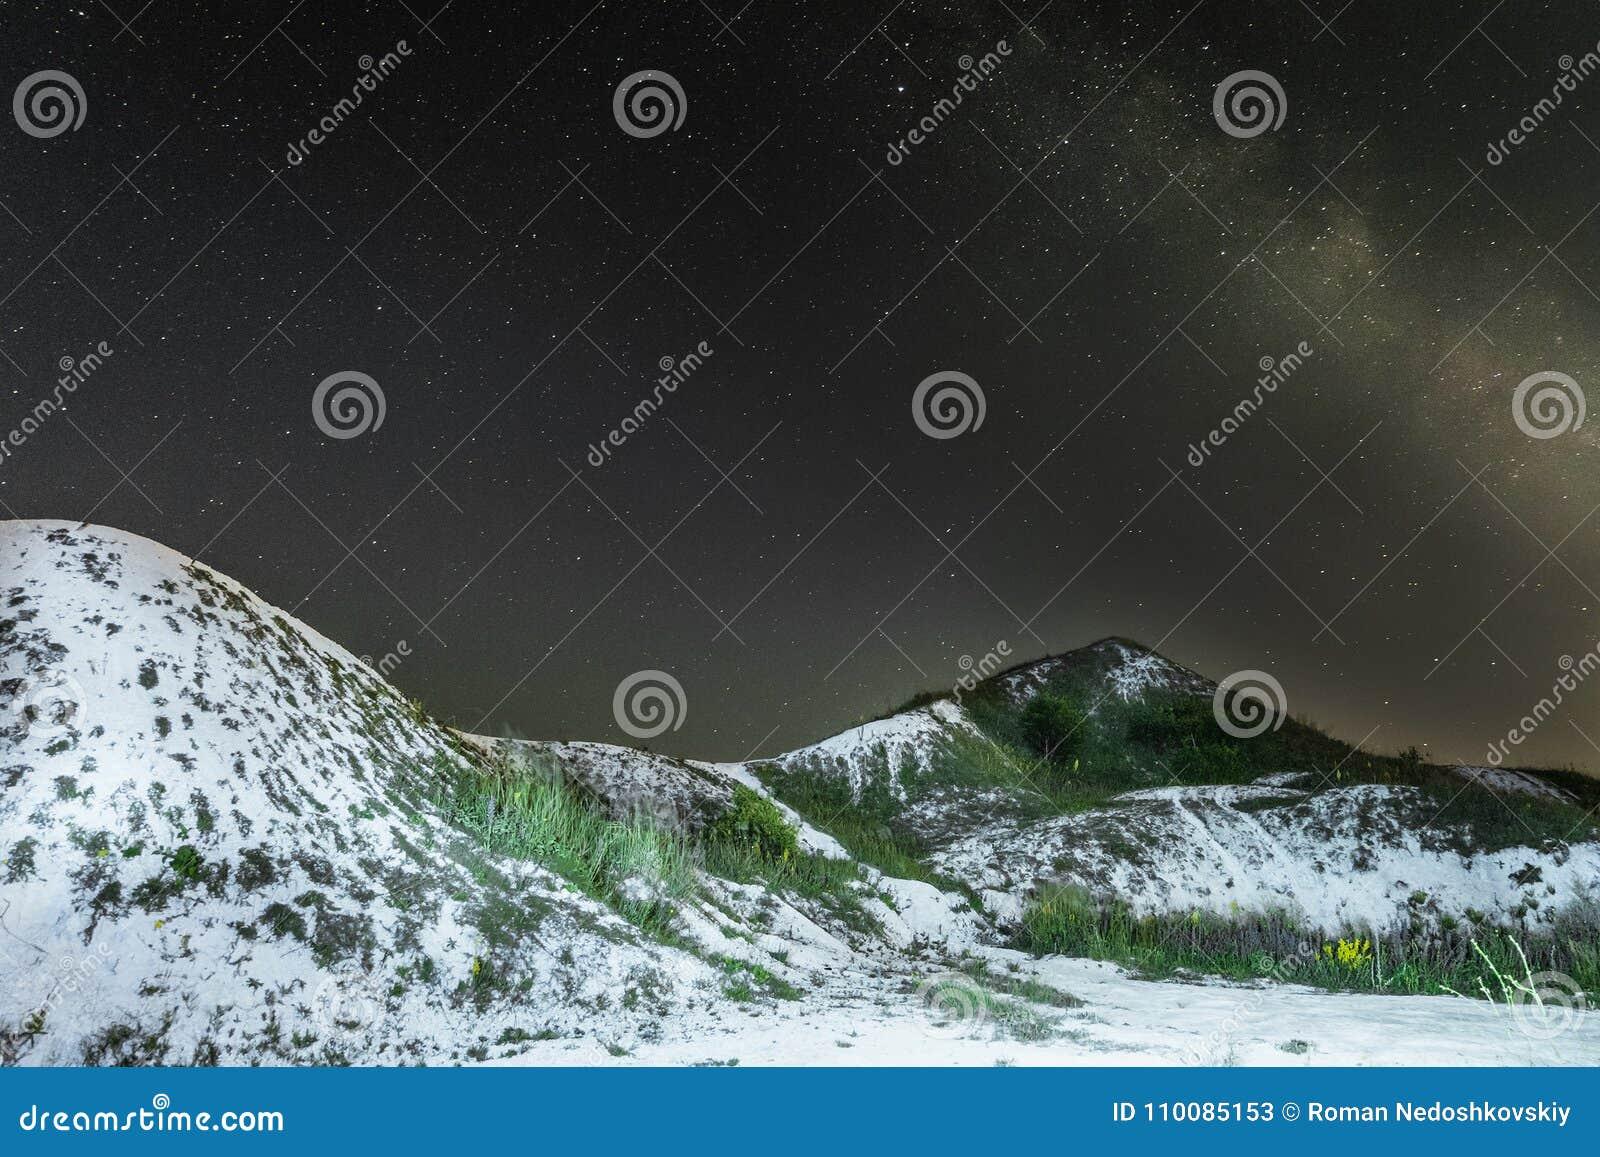 Cielo notturno stellato con la Via Lattea sopra le colline cretacee bianche Paesaggio naturale di notte con le creste del gesso